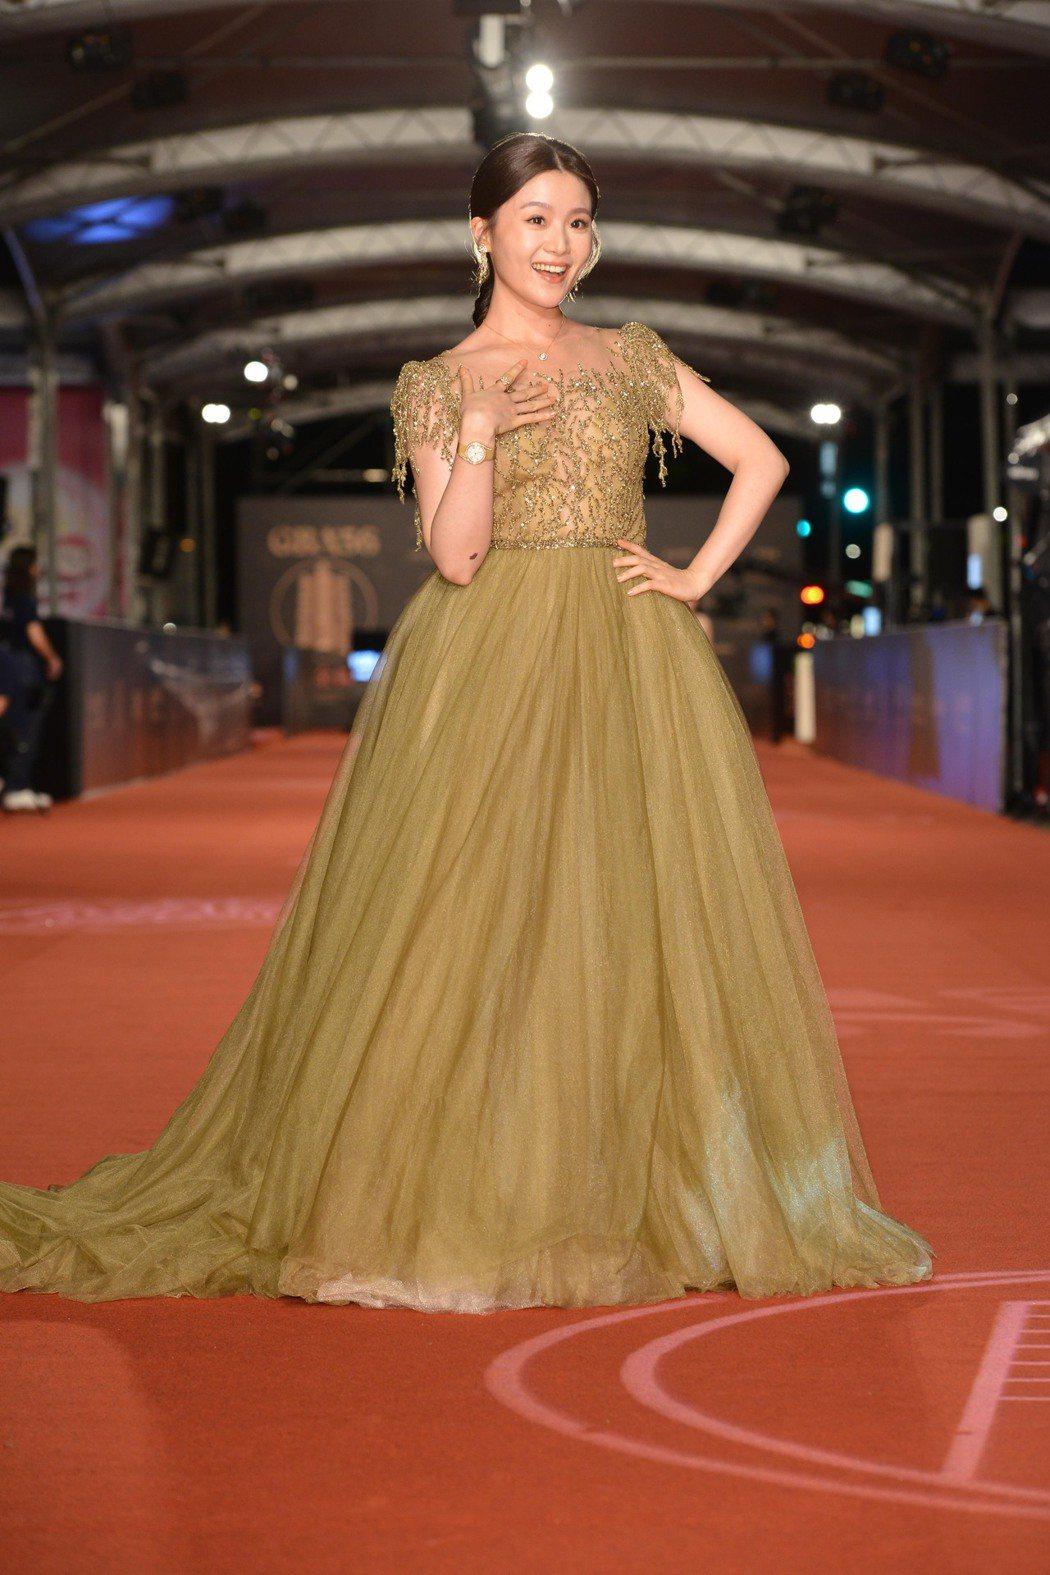 紅毯時除了有設計師的訂製服加持,楊小黎全身配戴的伯爵珠寶與腕表,總值近300萬,...